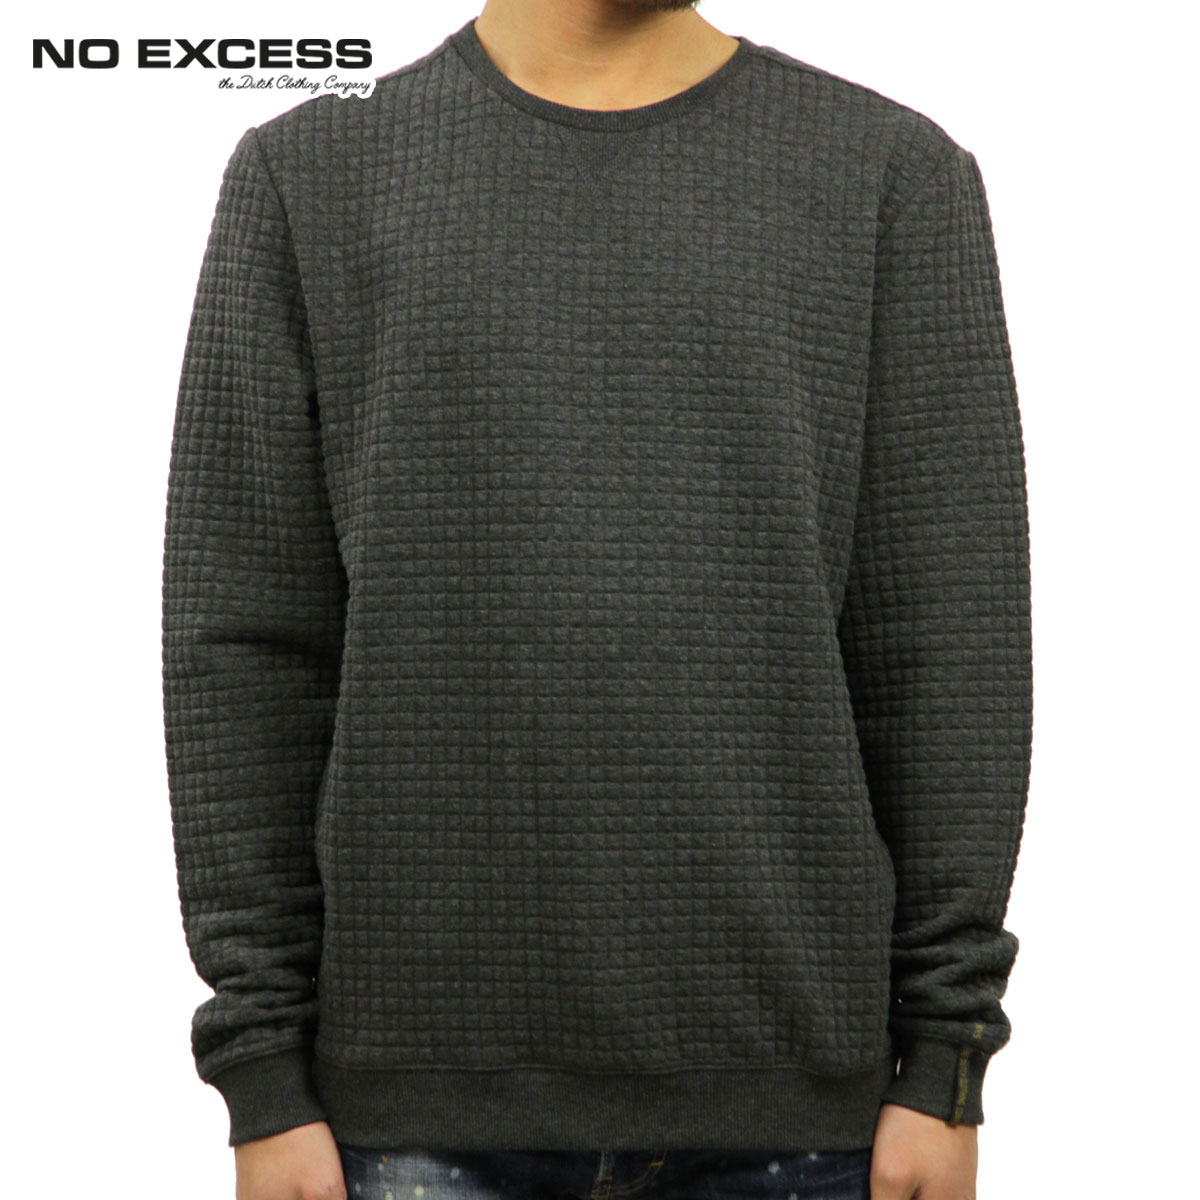 ノーエクセス NO EXCESS 正規品 メンズ セーター R-Neck Quilting Jacquard Knit Sweater100701103 D00S20